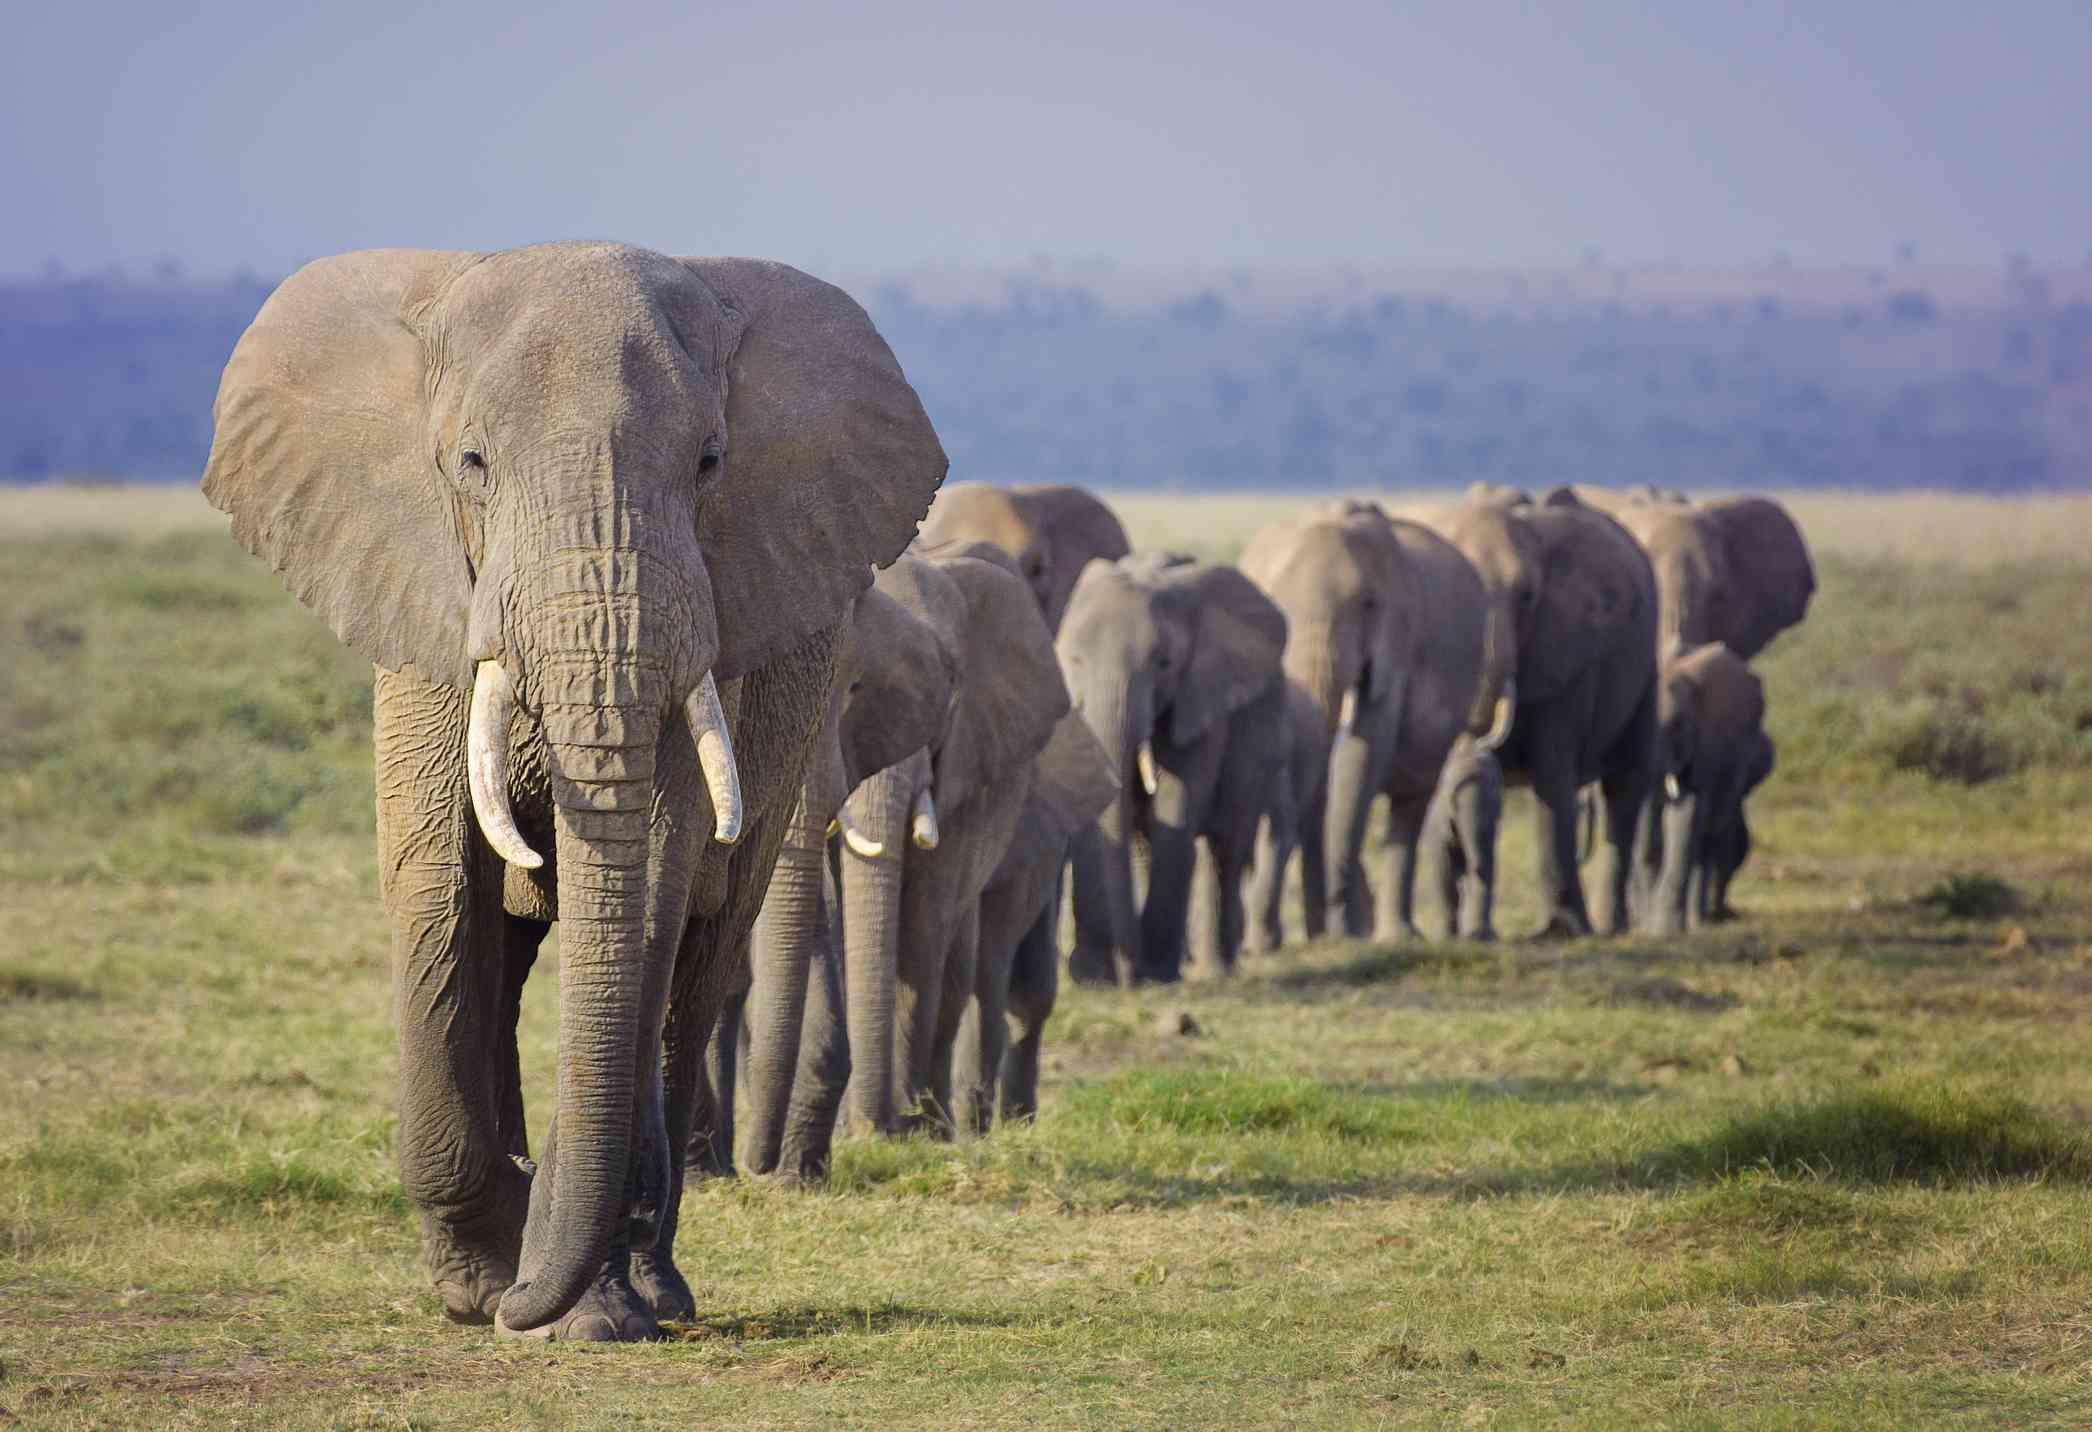 herd of elephants walking in single file down grassy flat area